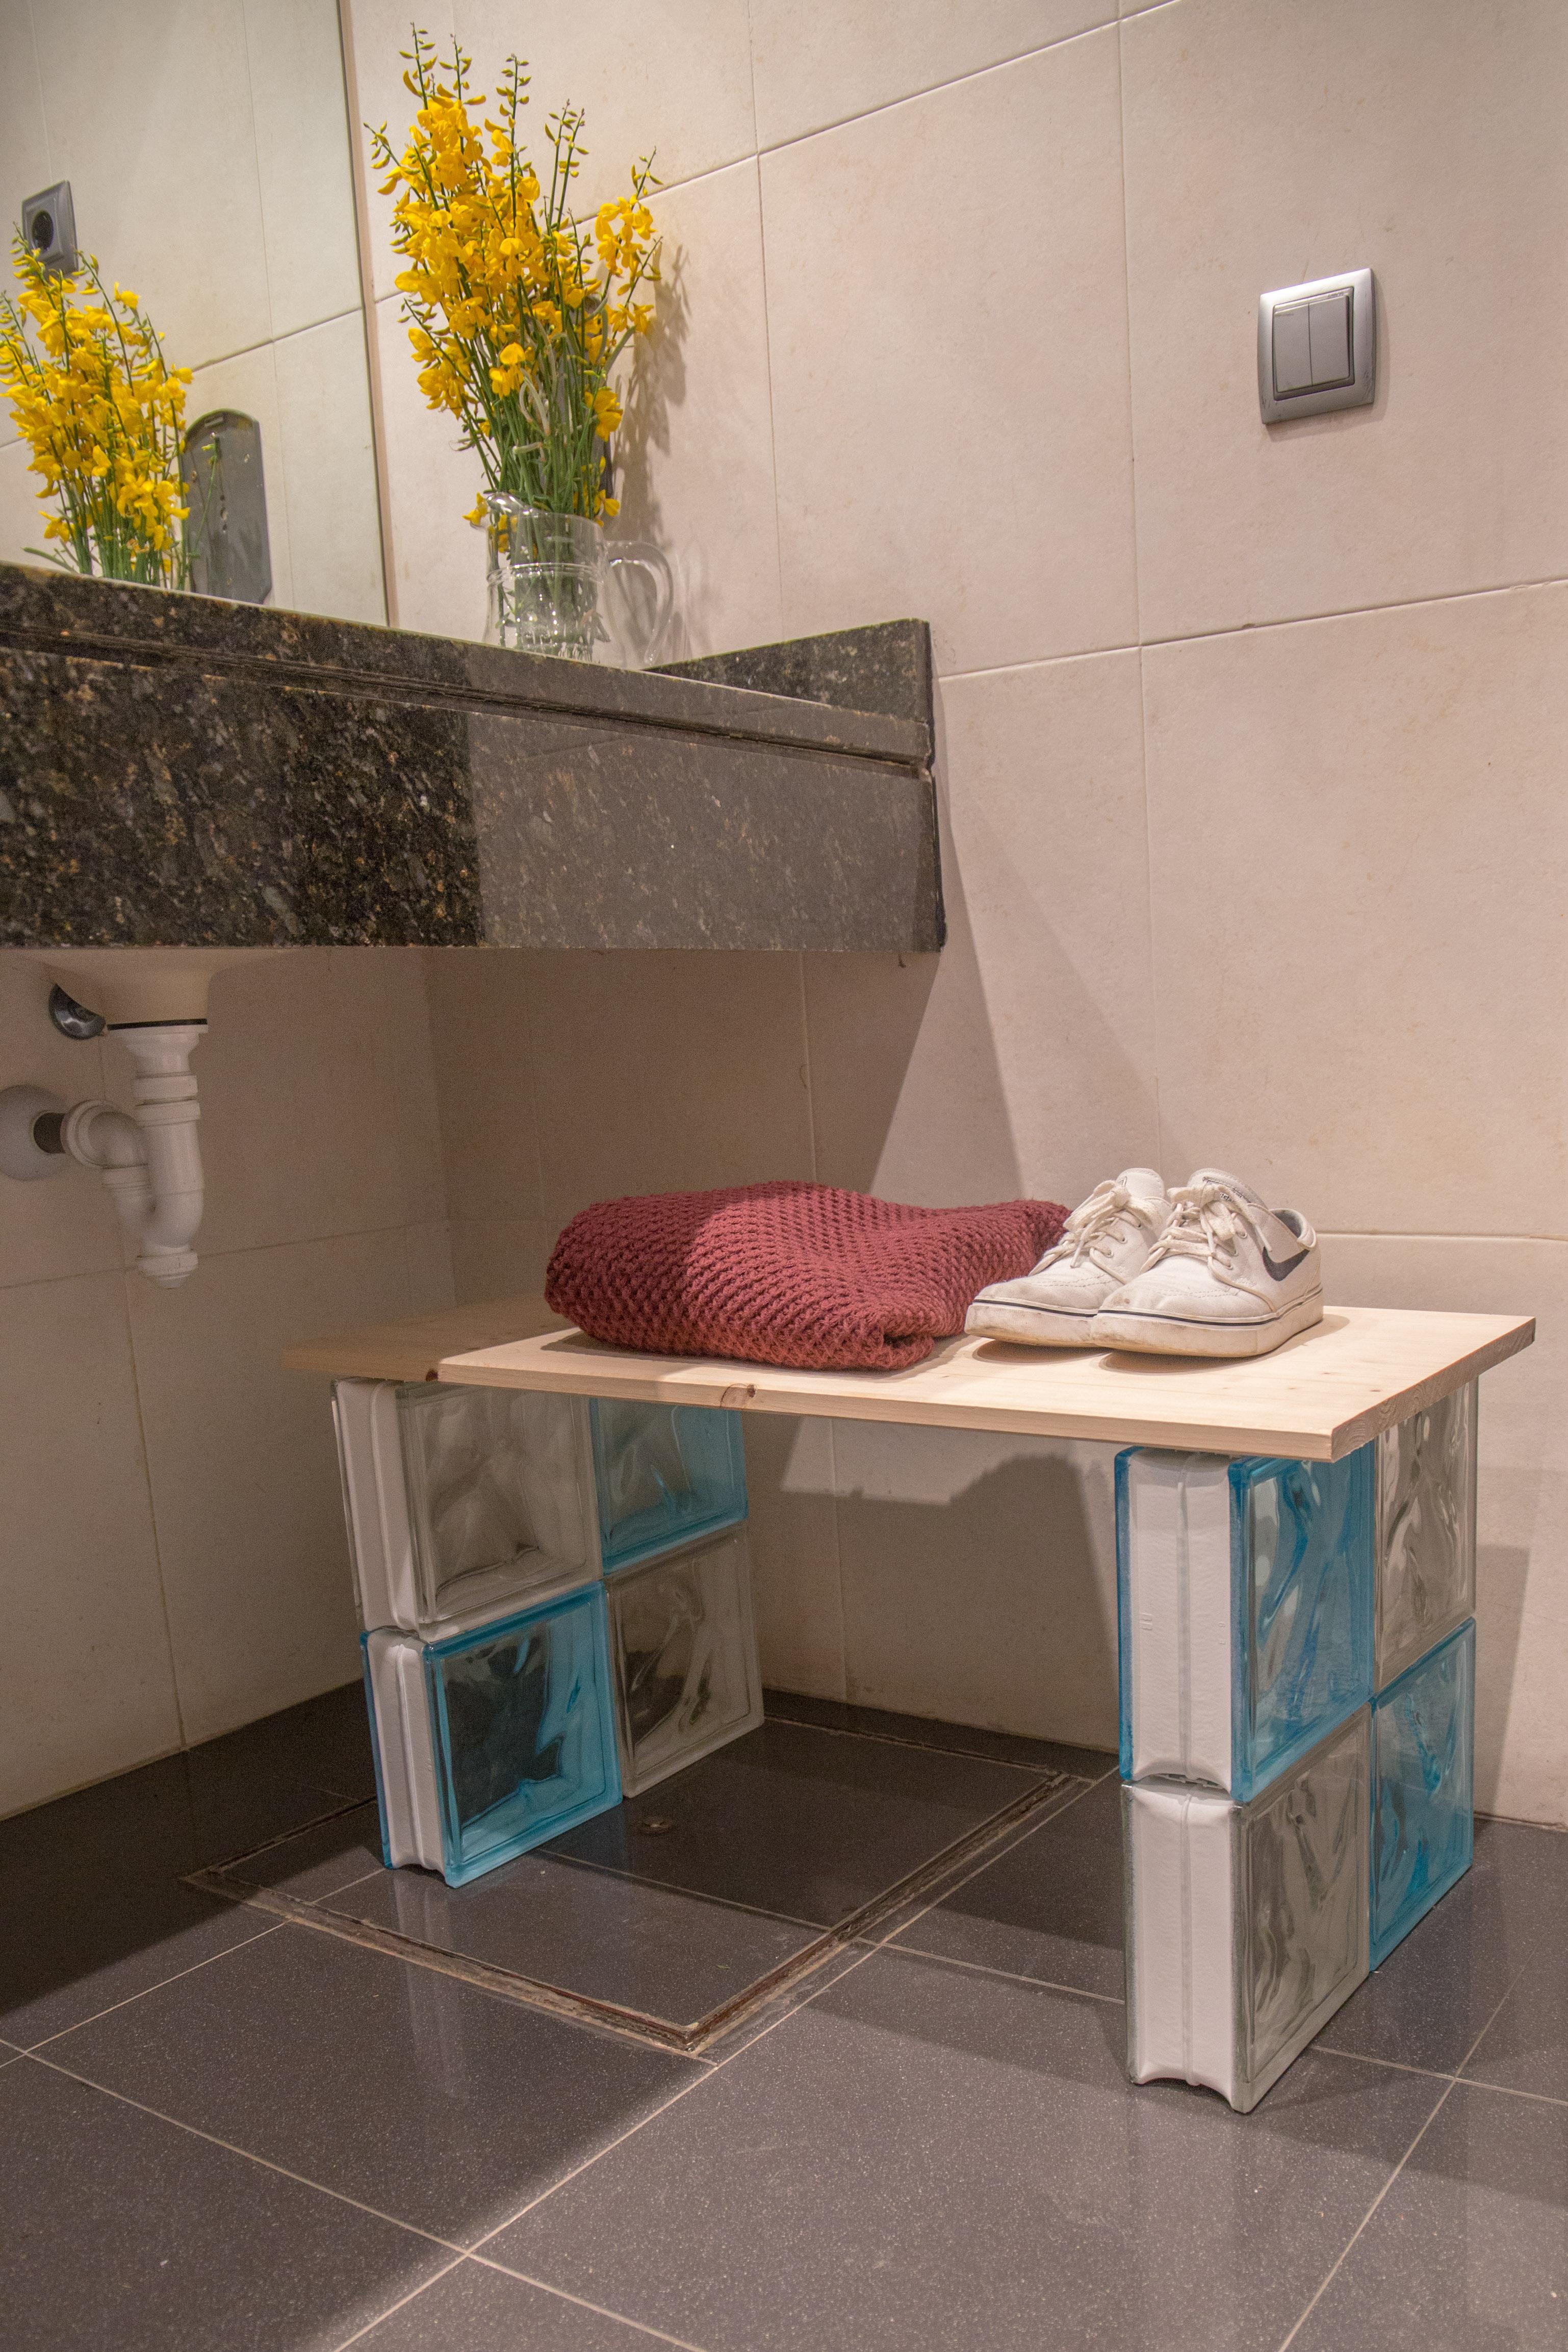 Banco para el ba o con ladrillos de vidrio ceys - Banco ortopedico para bano ...